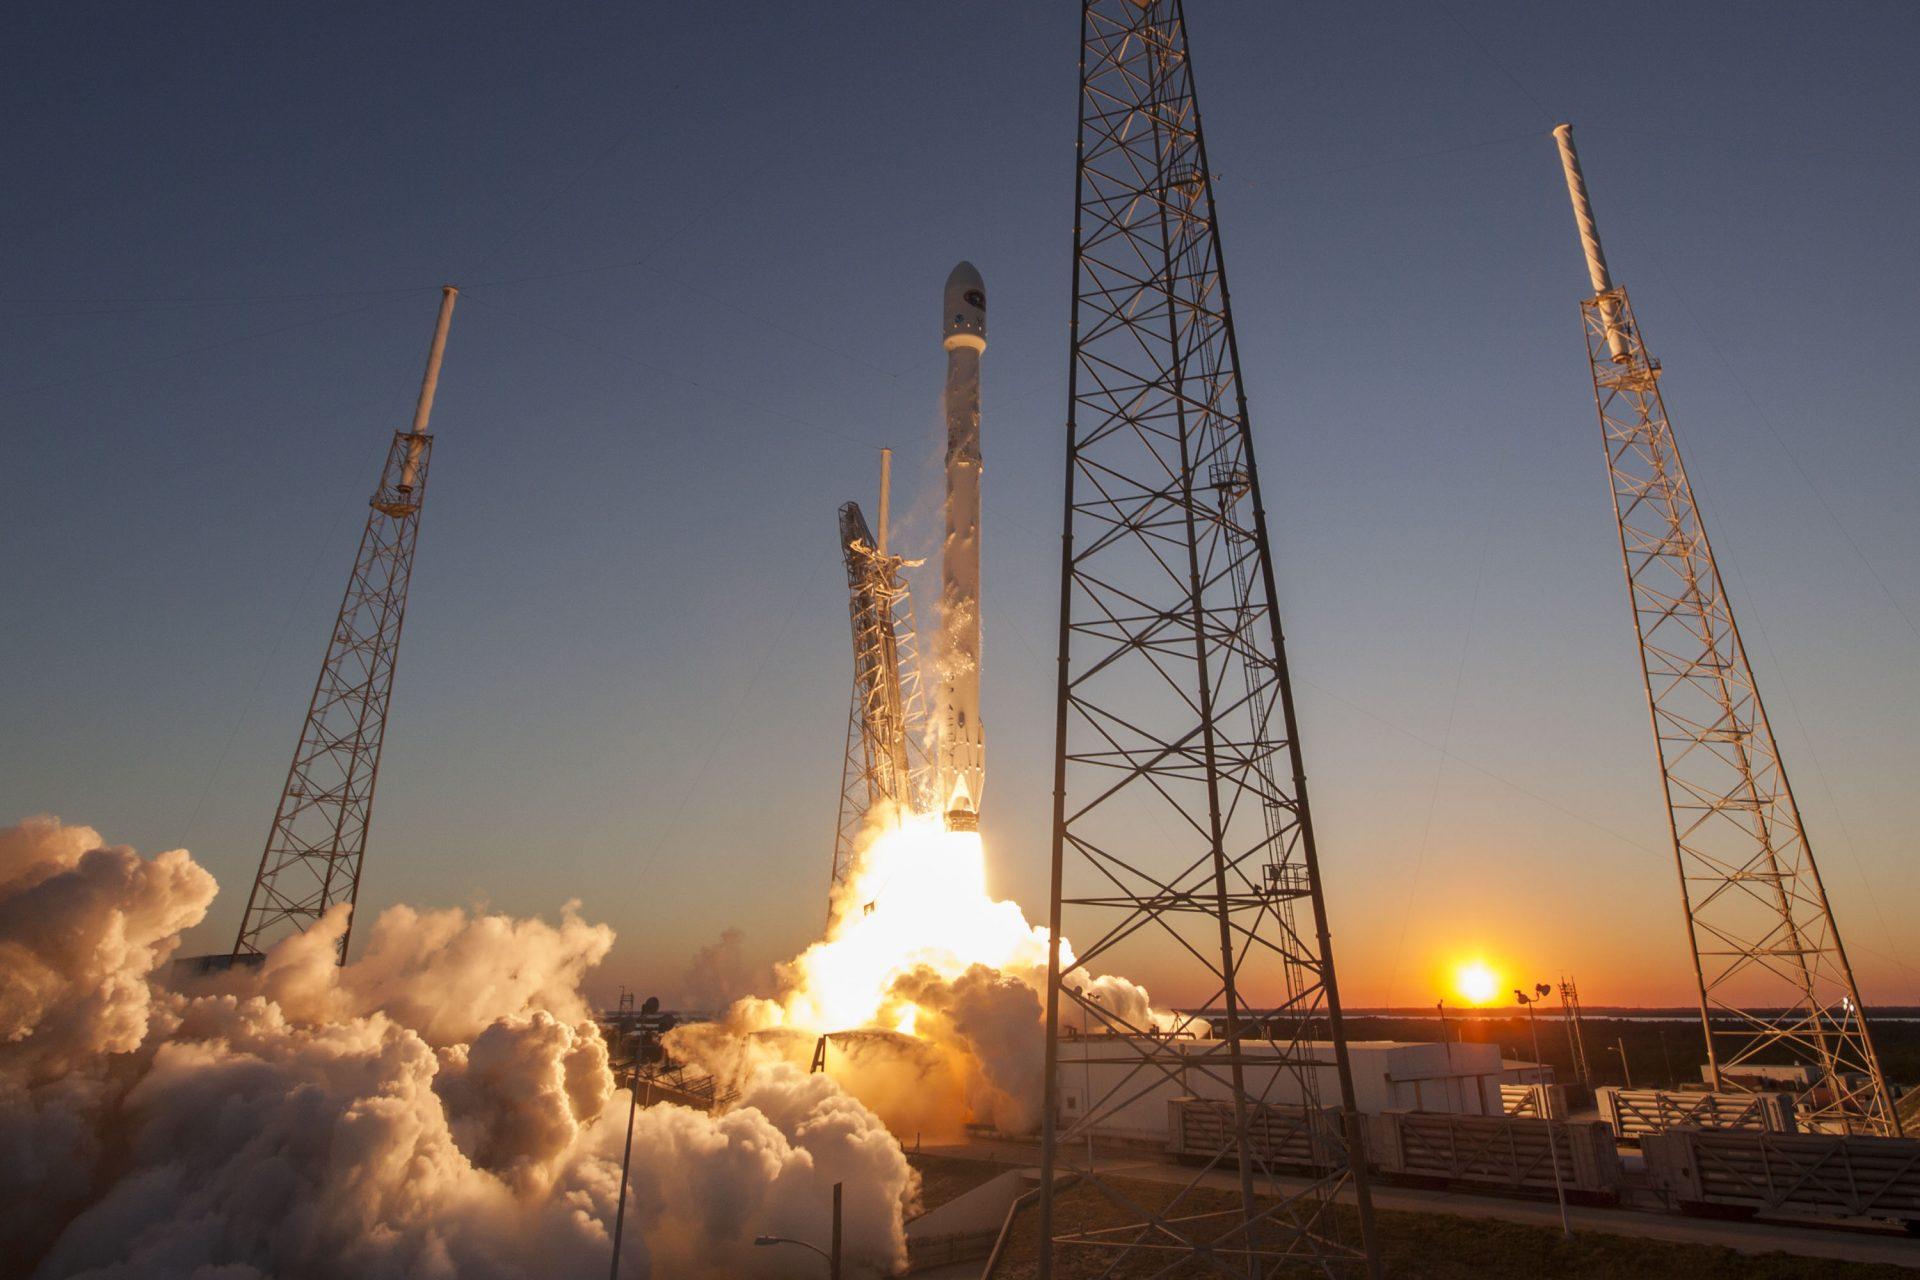 В SpaceX поменяют название ракеты на Starship 1